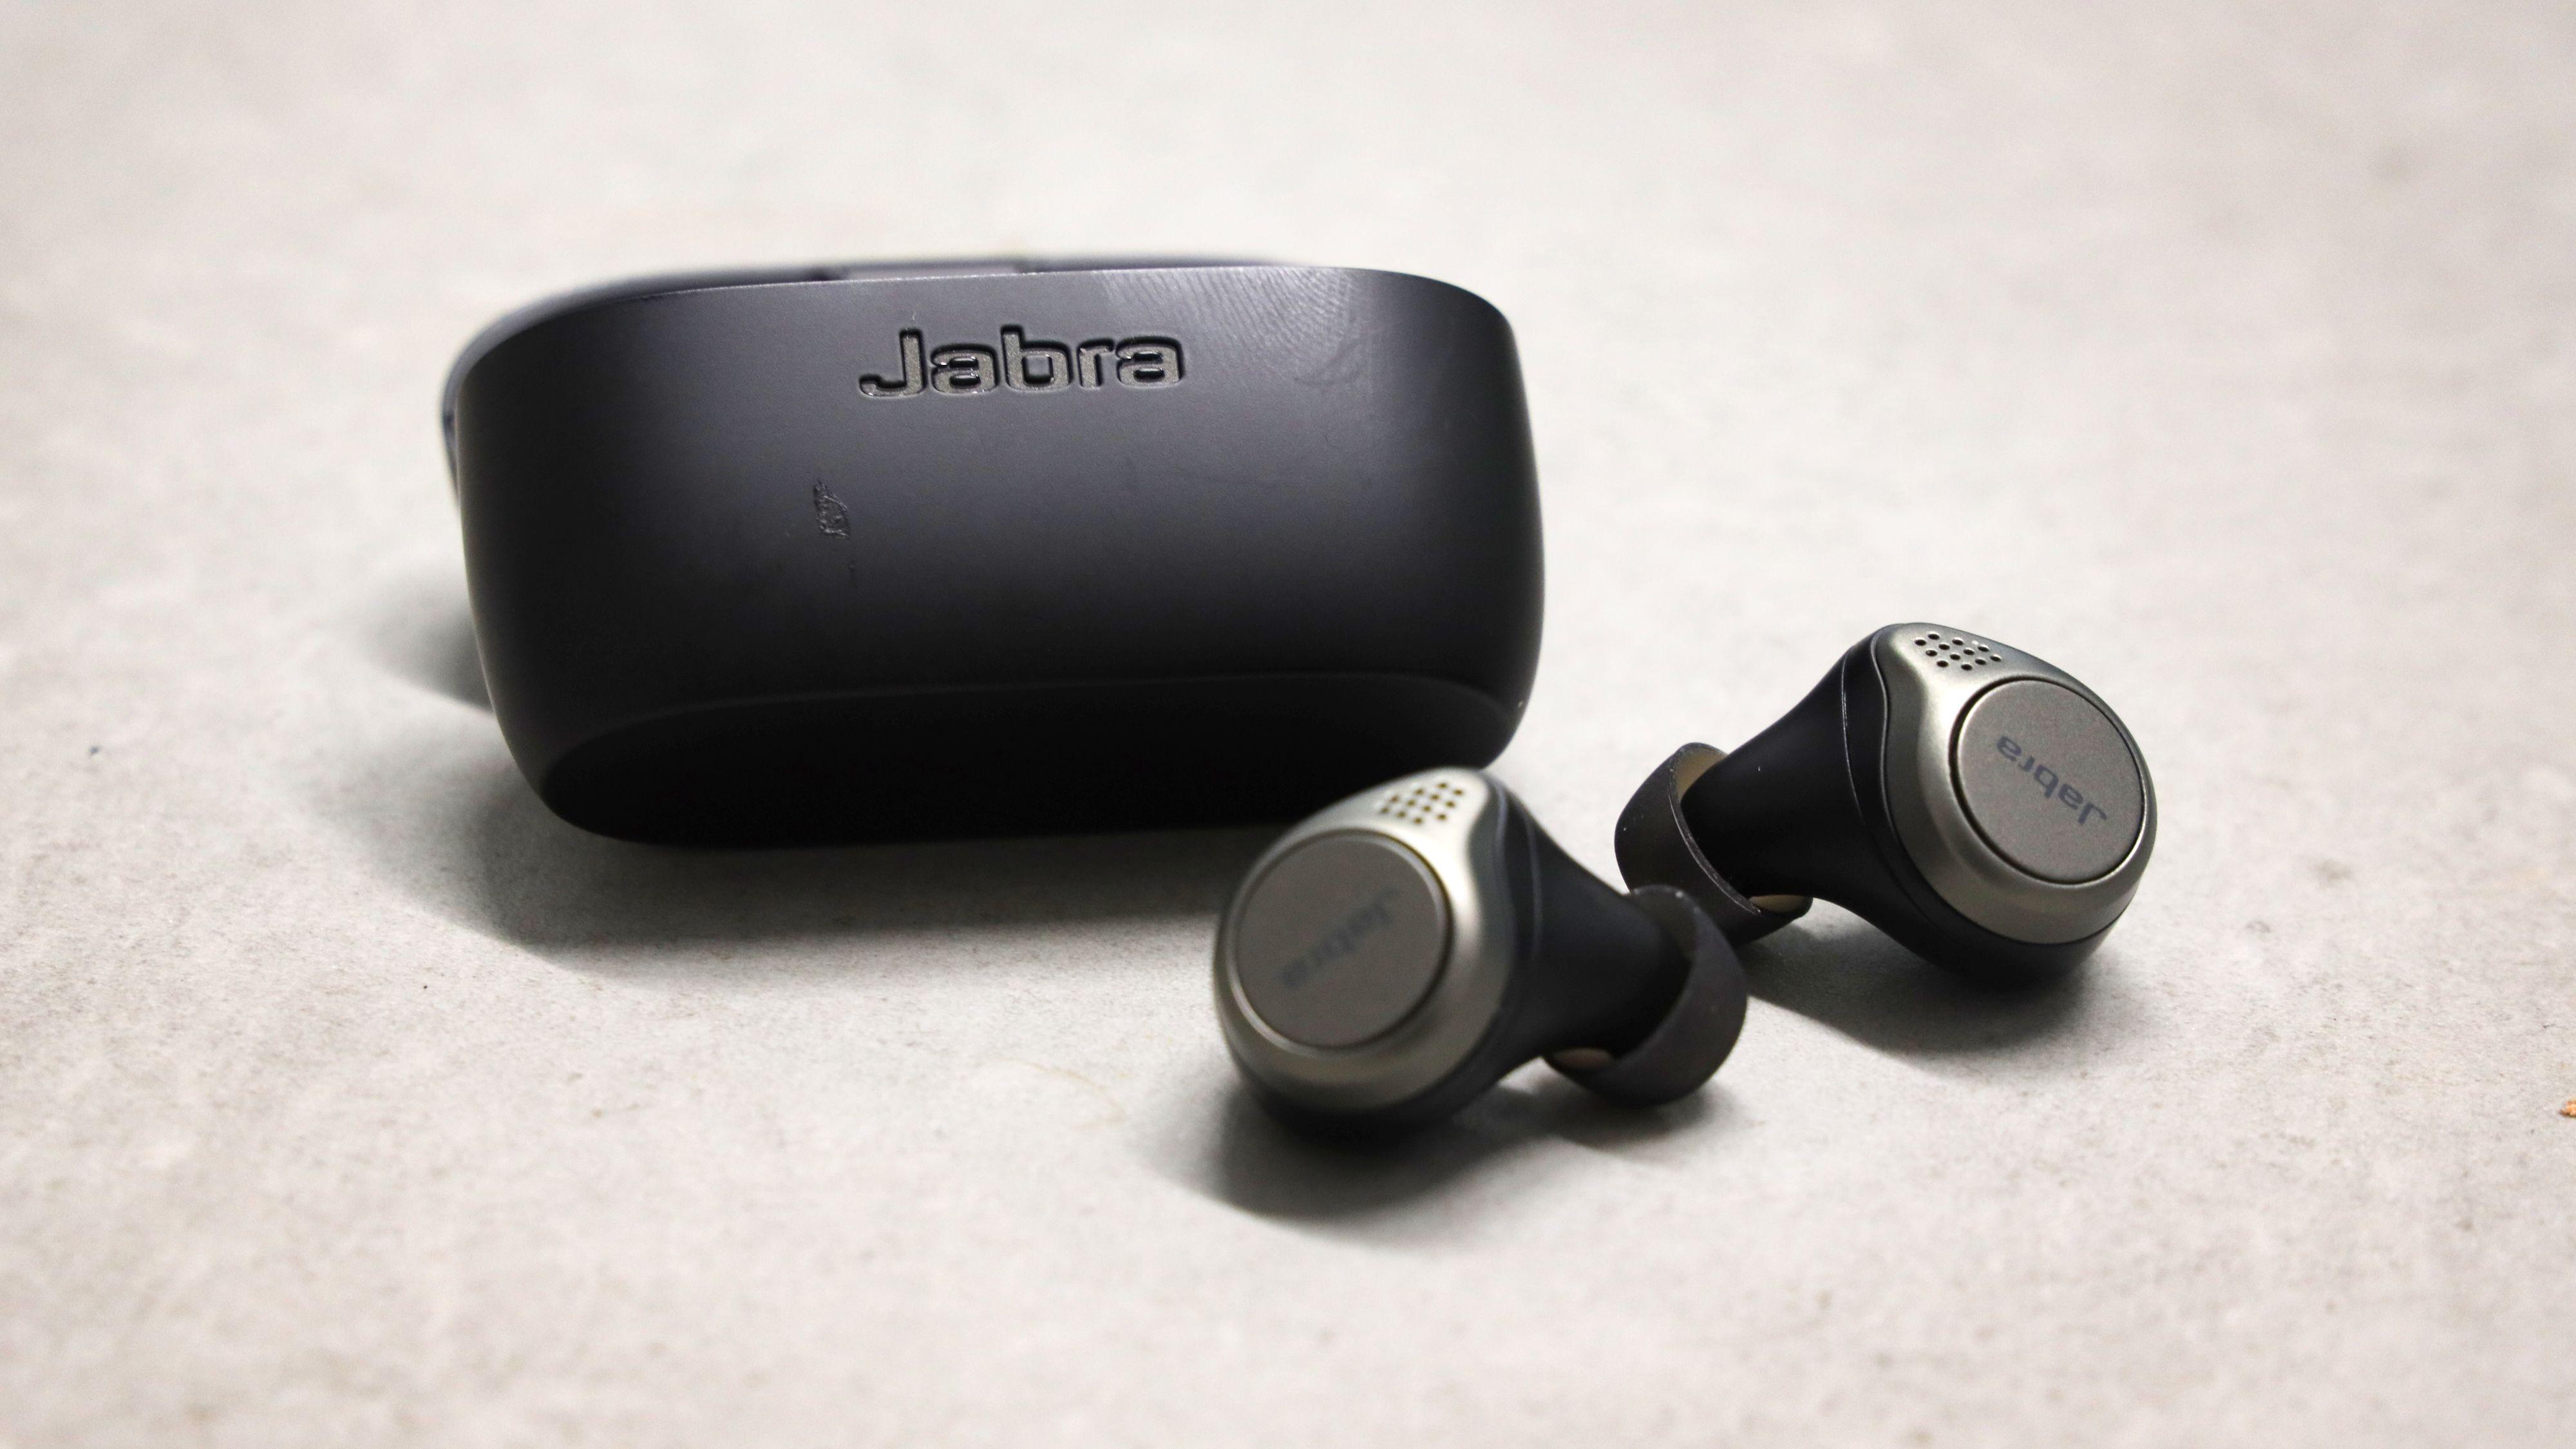 Jabra Elite 75t viser at danskene begynner å få lang erfaring med denne typen produkter. Og hvilken lyd!